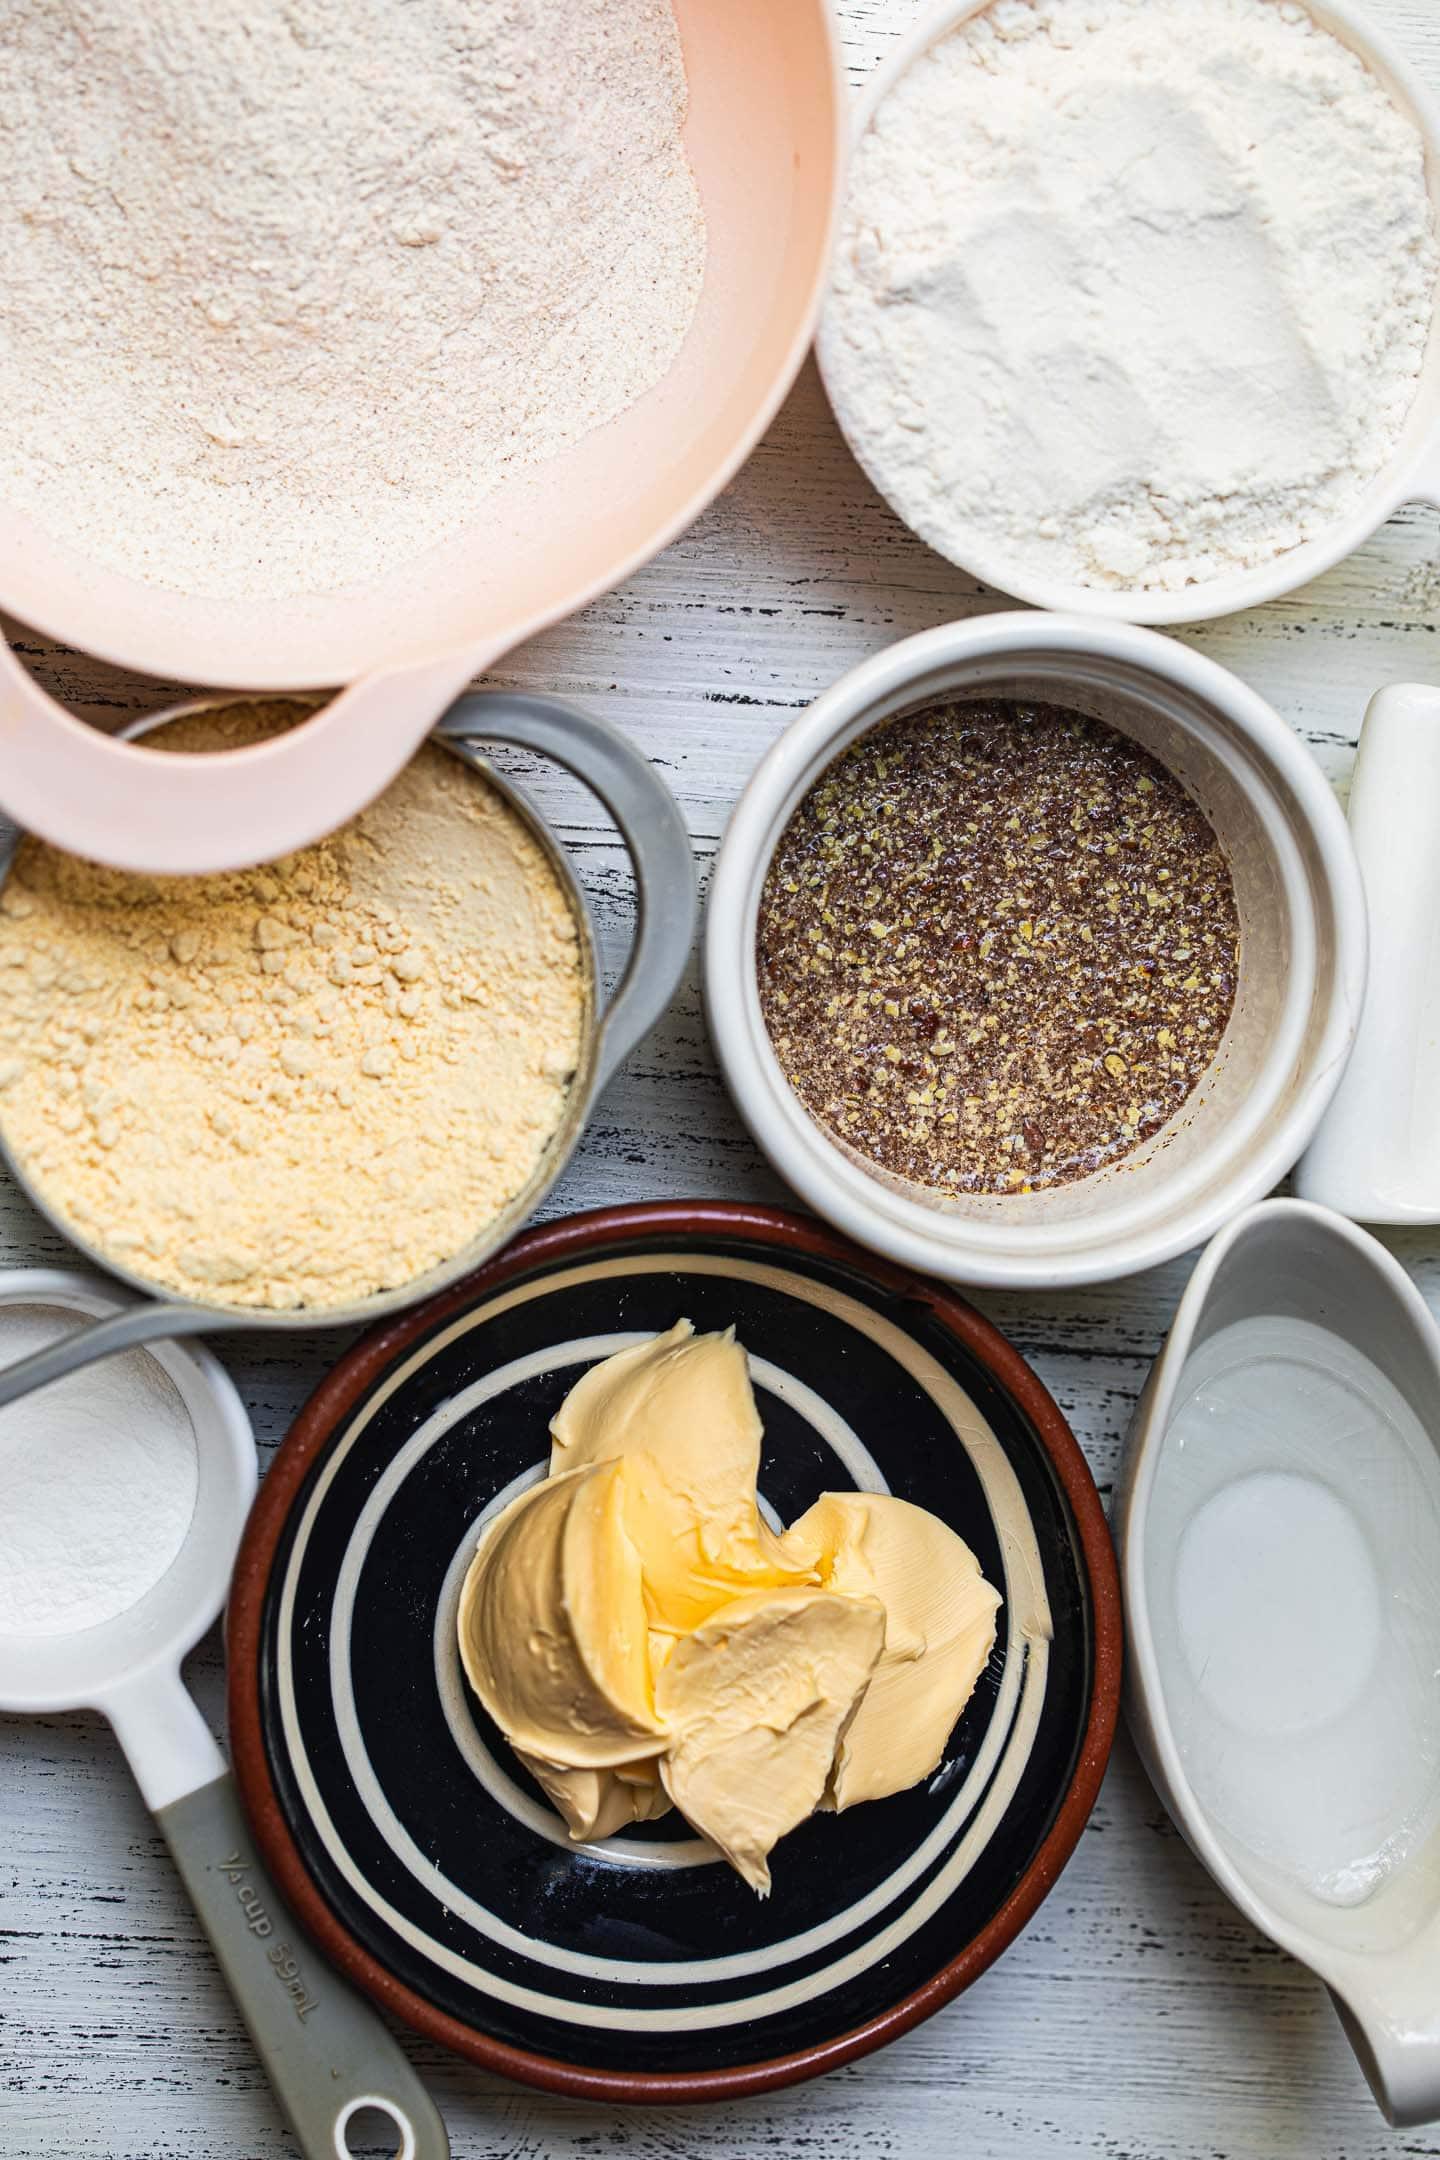 Ingredients for a gluten-free vegan quiche crust